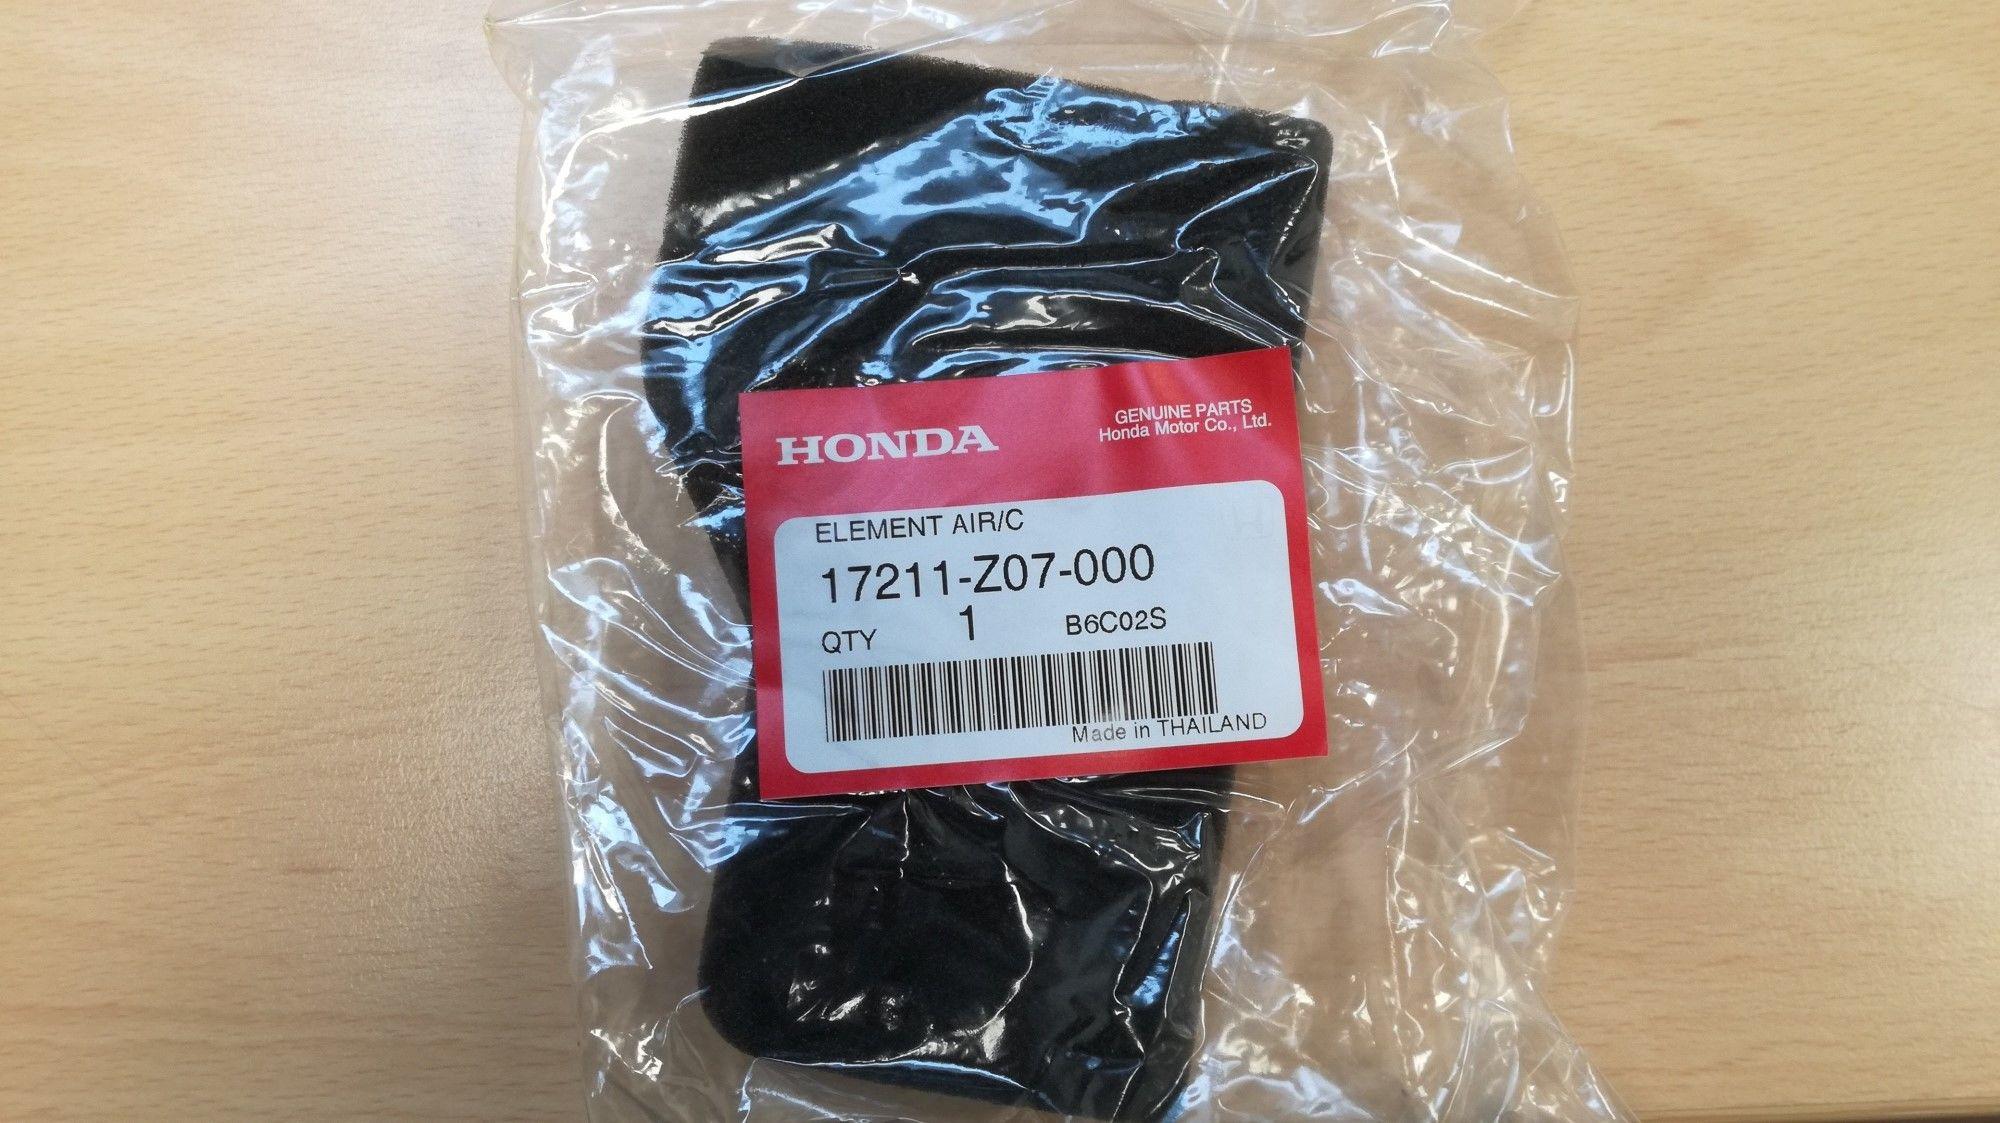 Honda Luftfilter 1 für EU 20i & EU 22i